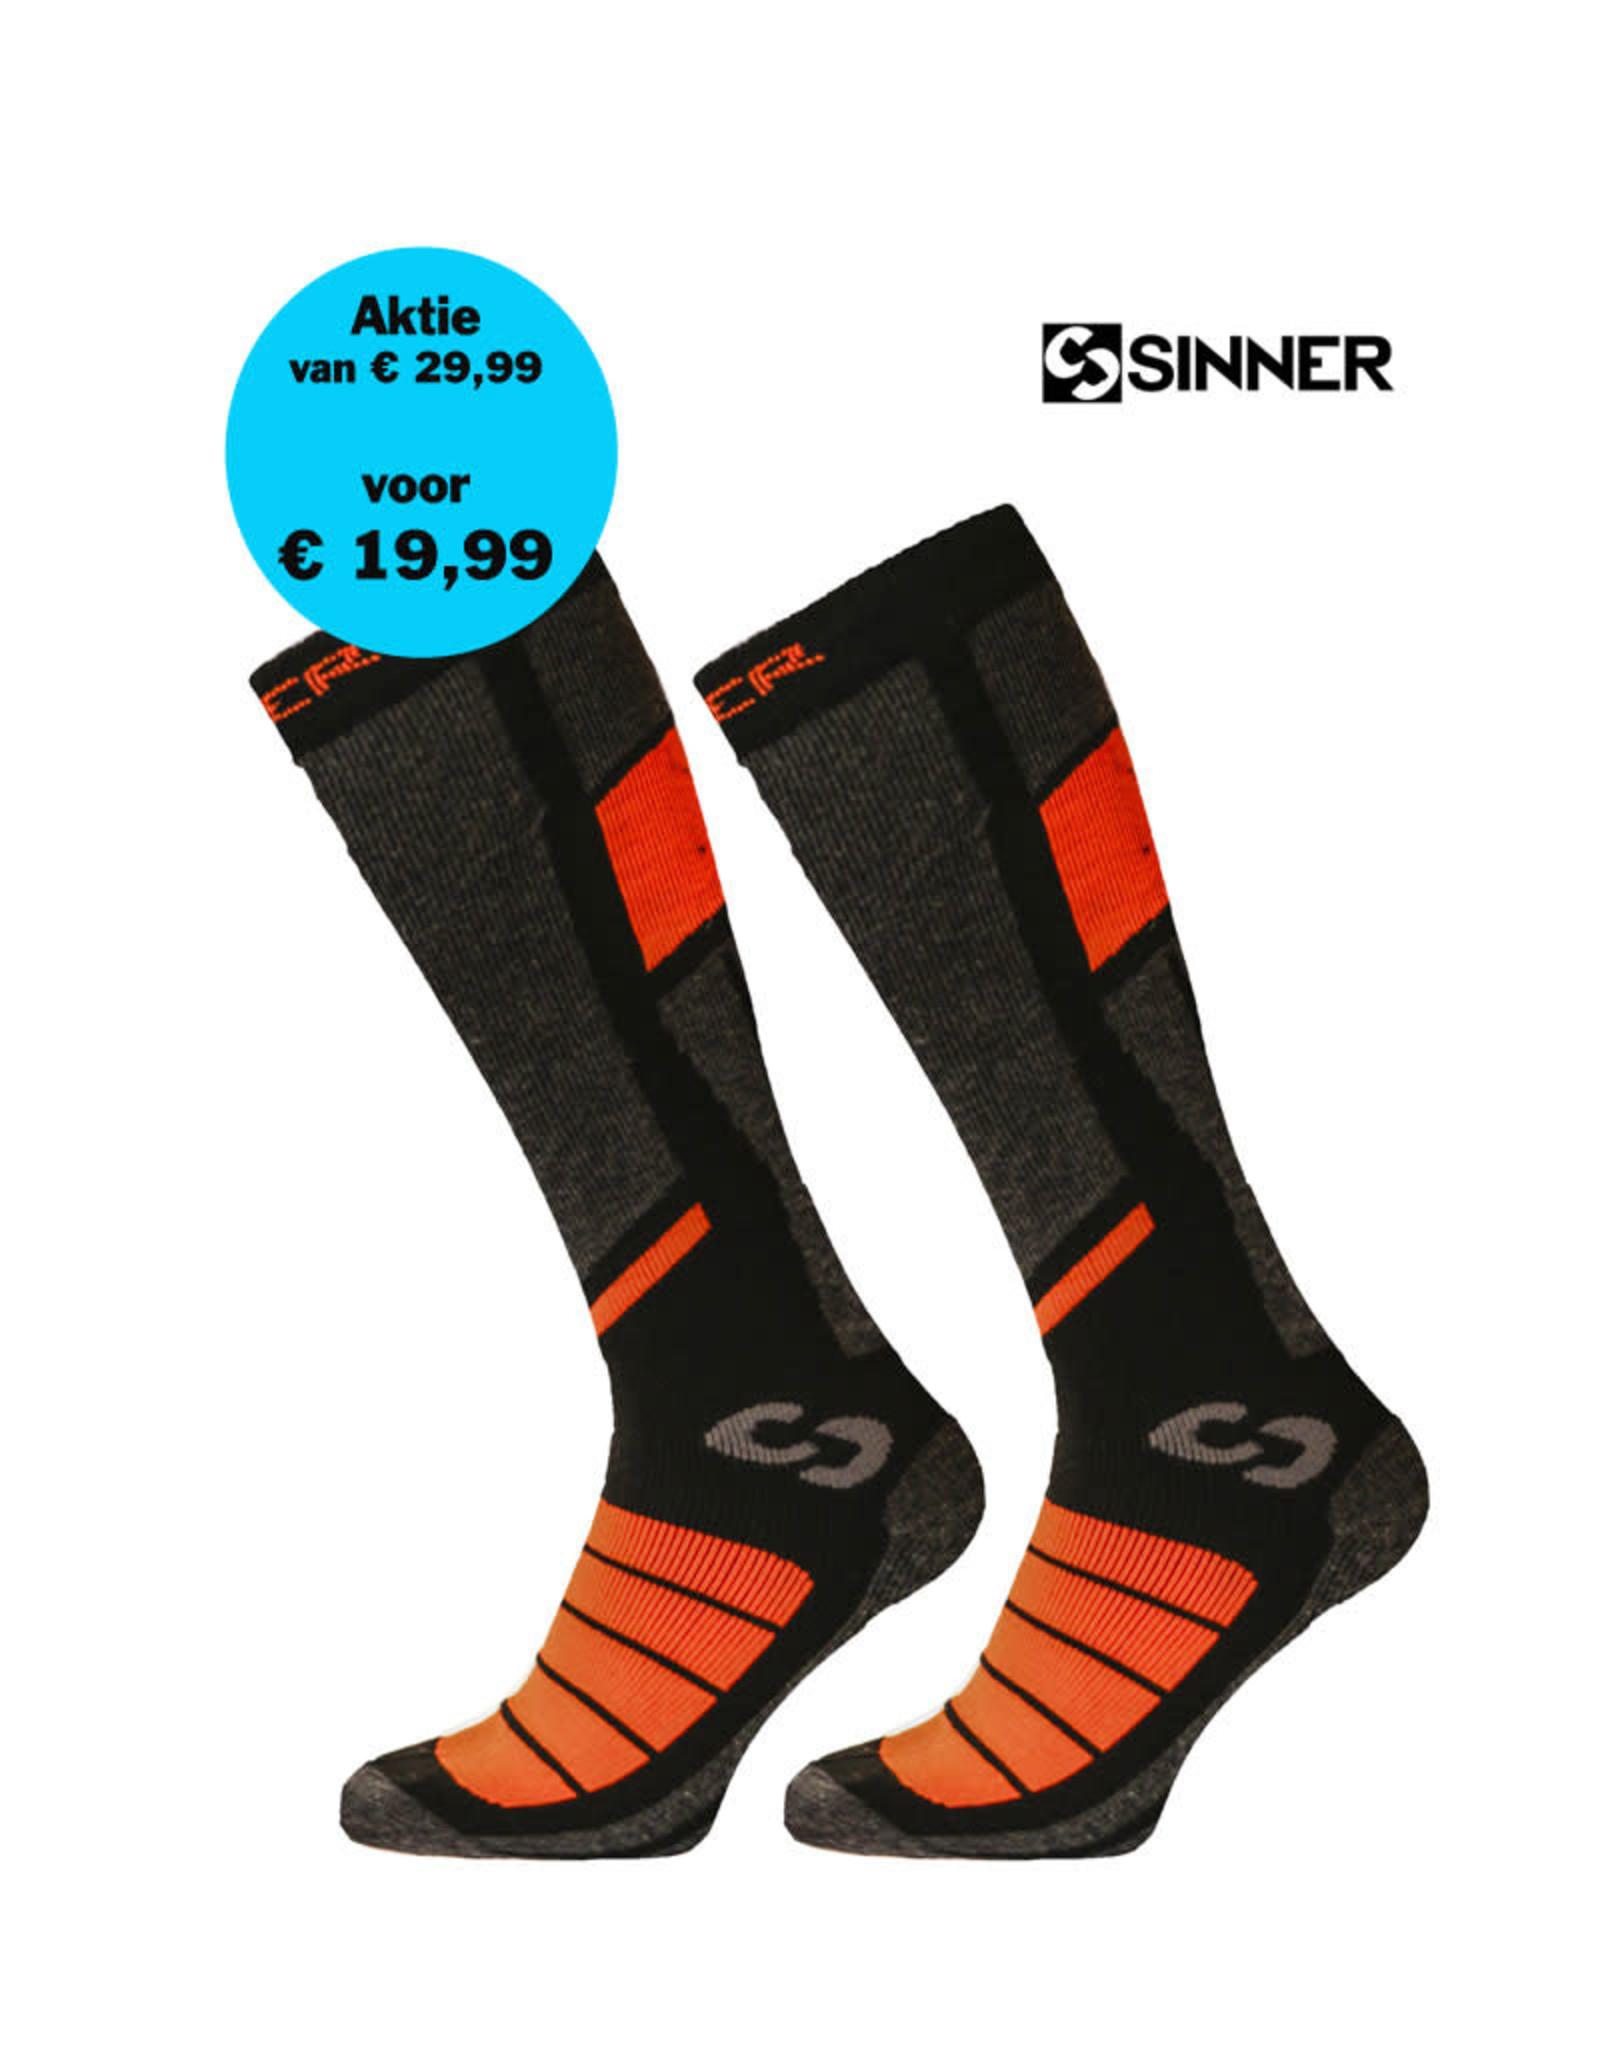 SINNER SINNER SKISOKKEN PRO II-Pack Black/Orange